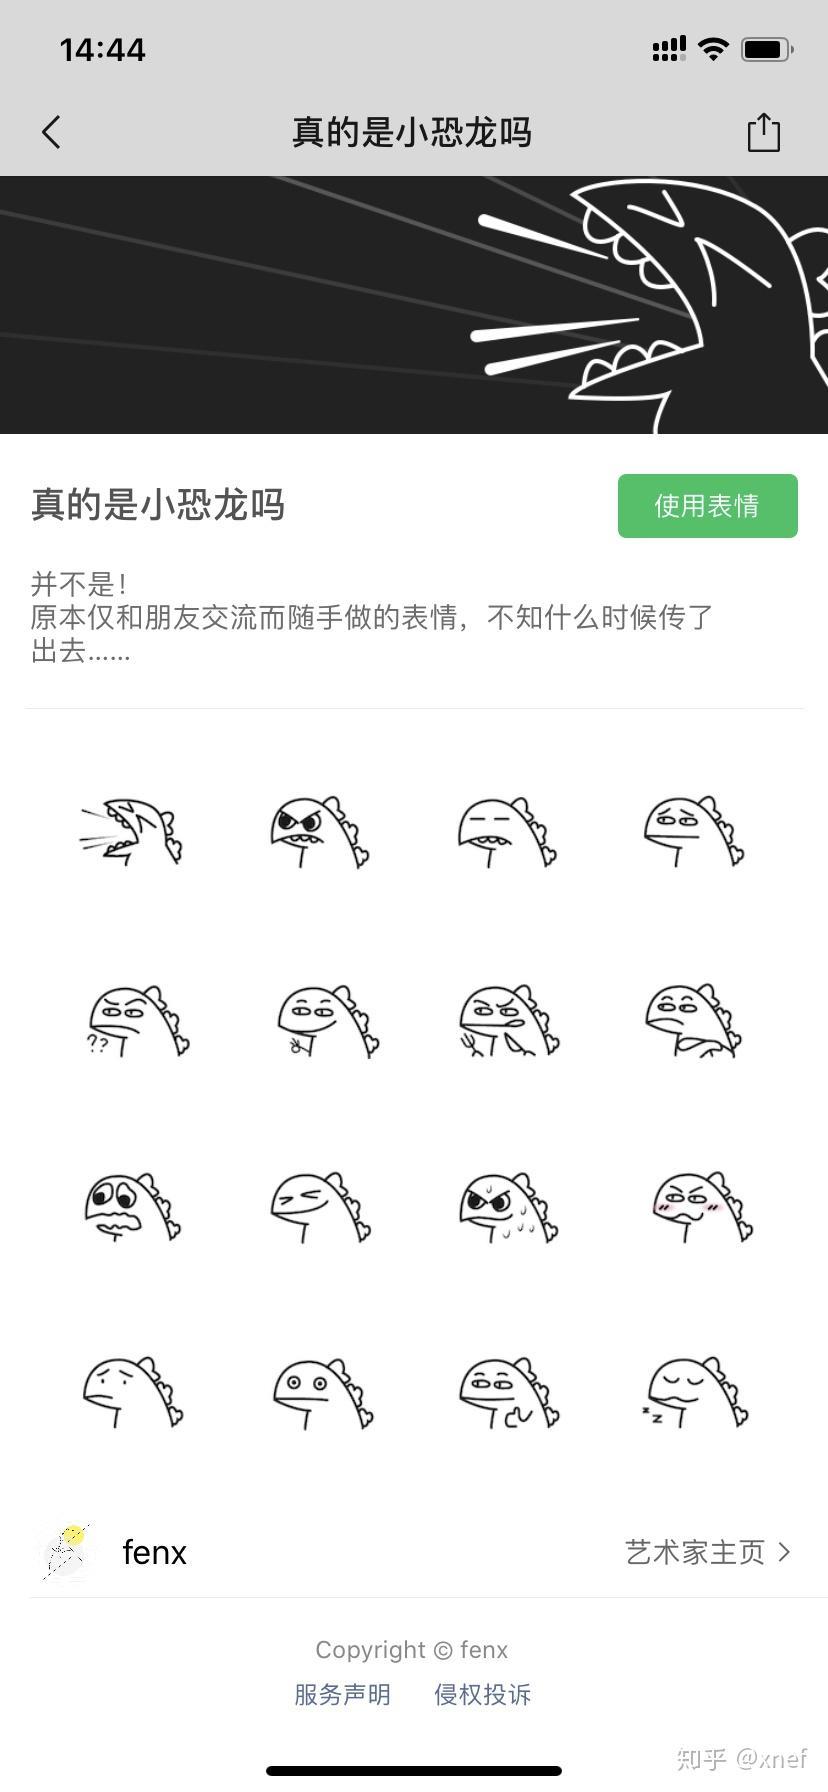 微信小恐龙表情包